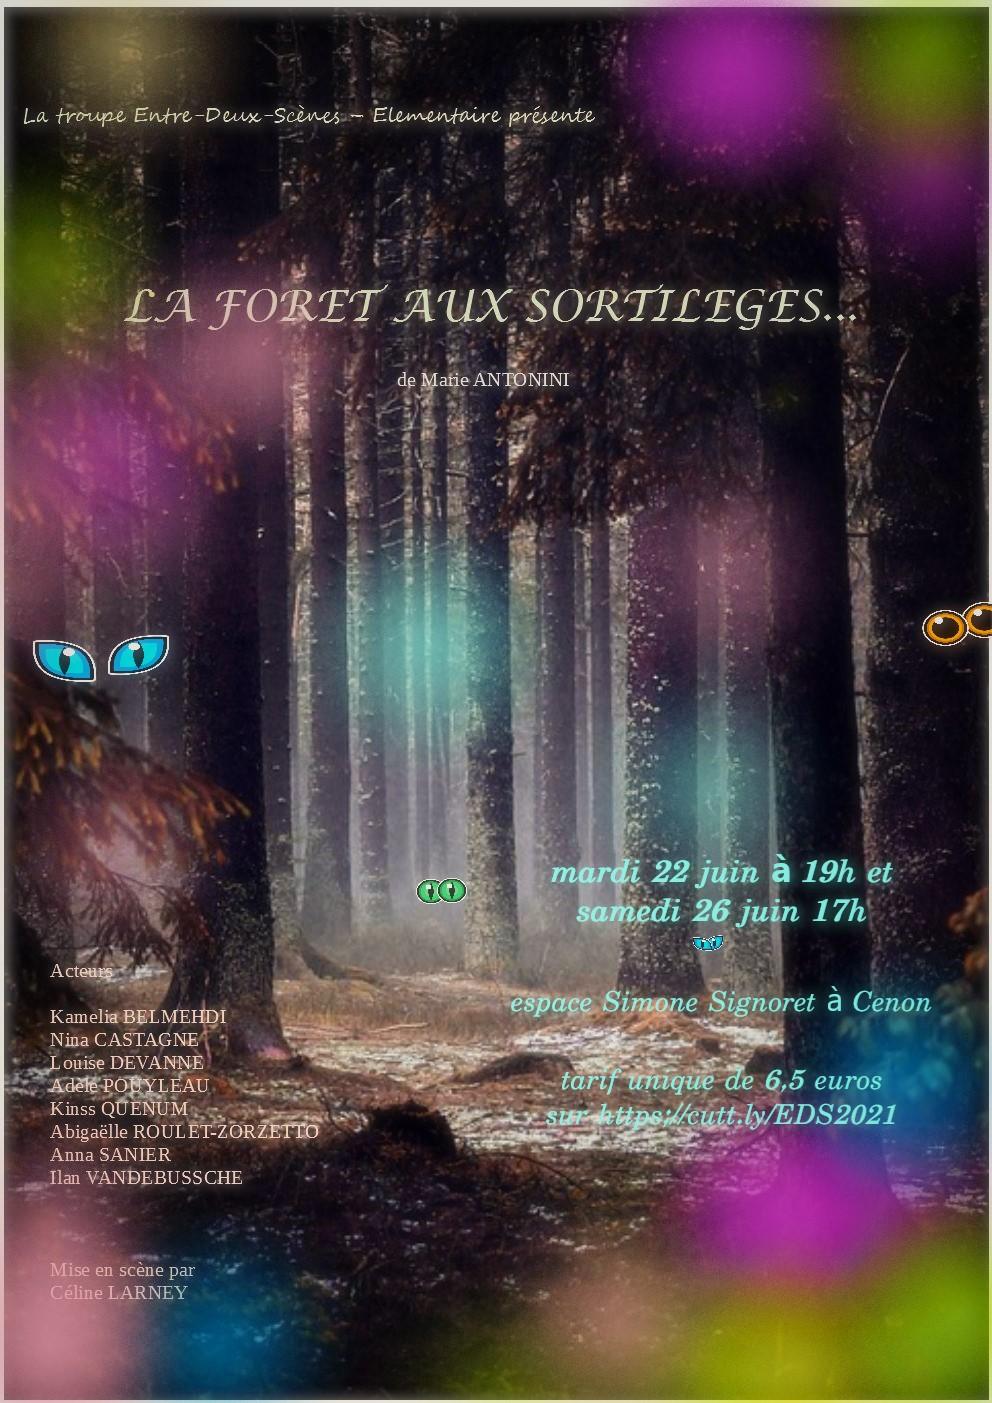 «La forêt aux sortilèges» de Marie ANTONINI